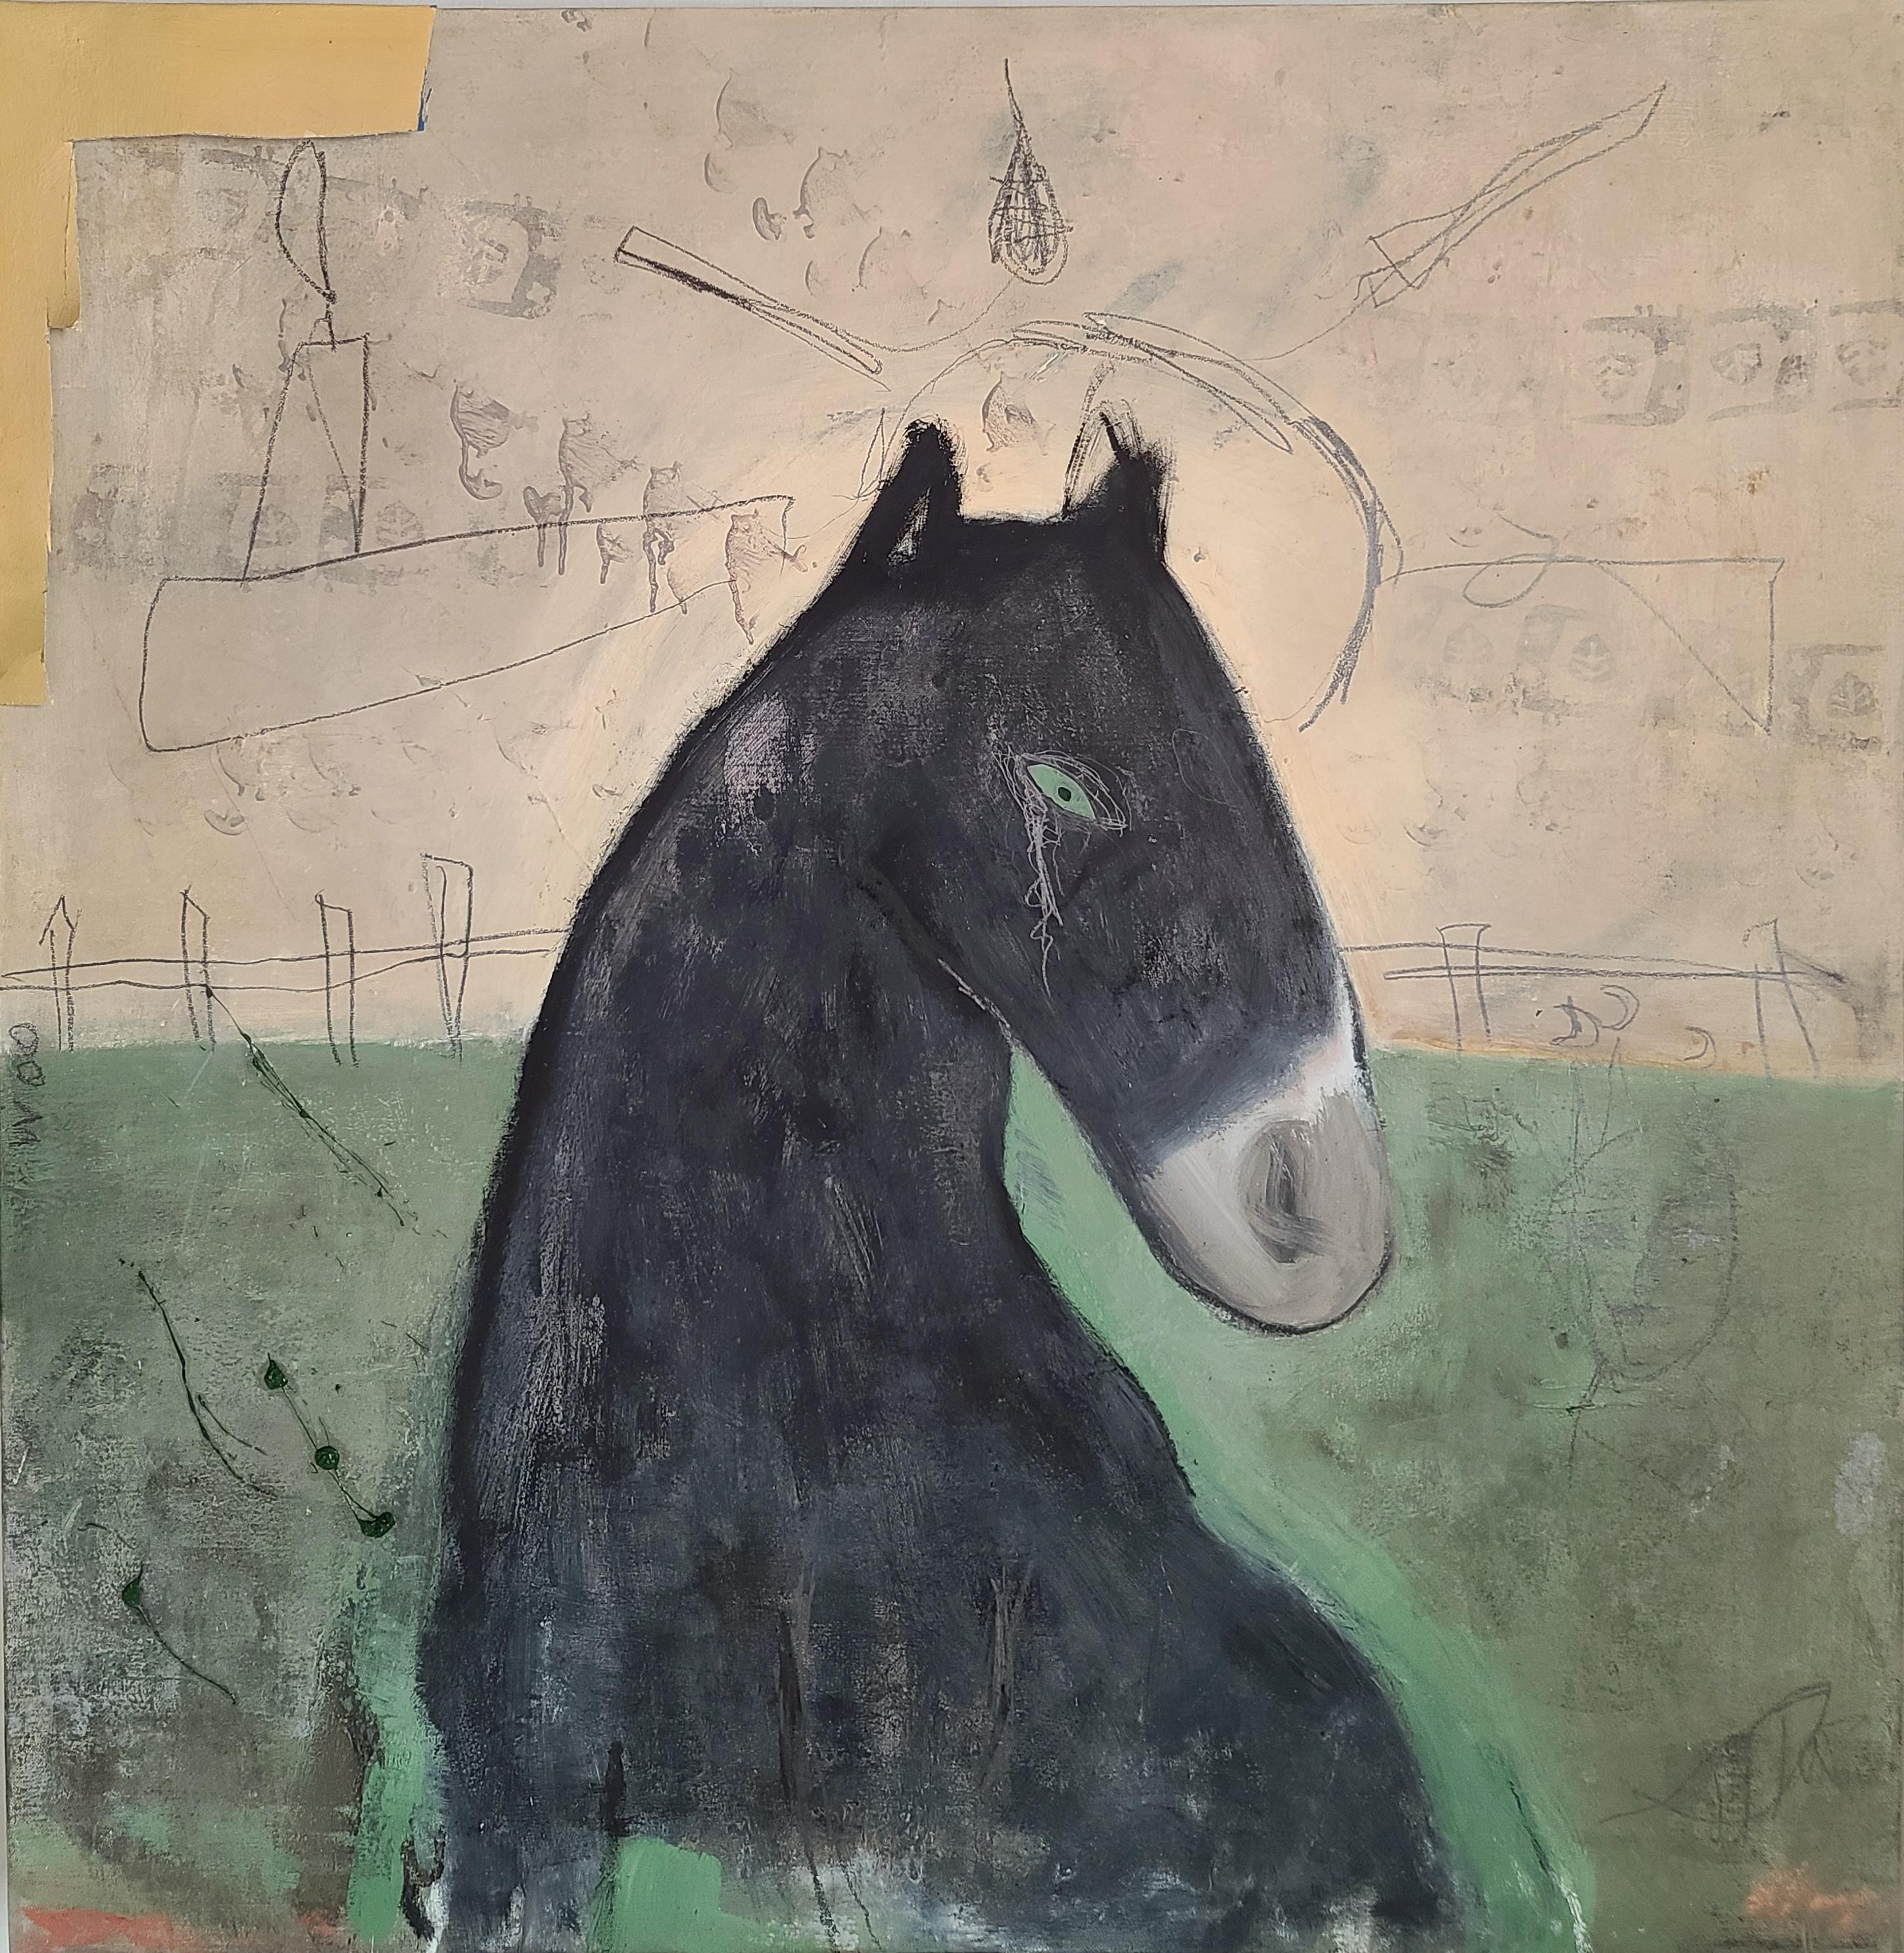 022, 최우, untitled, 90 x 90 cm, oil on ca